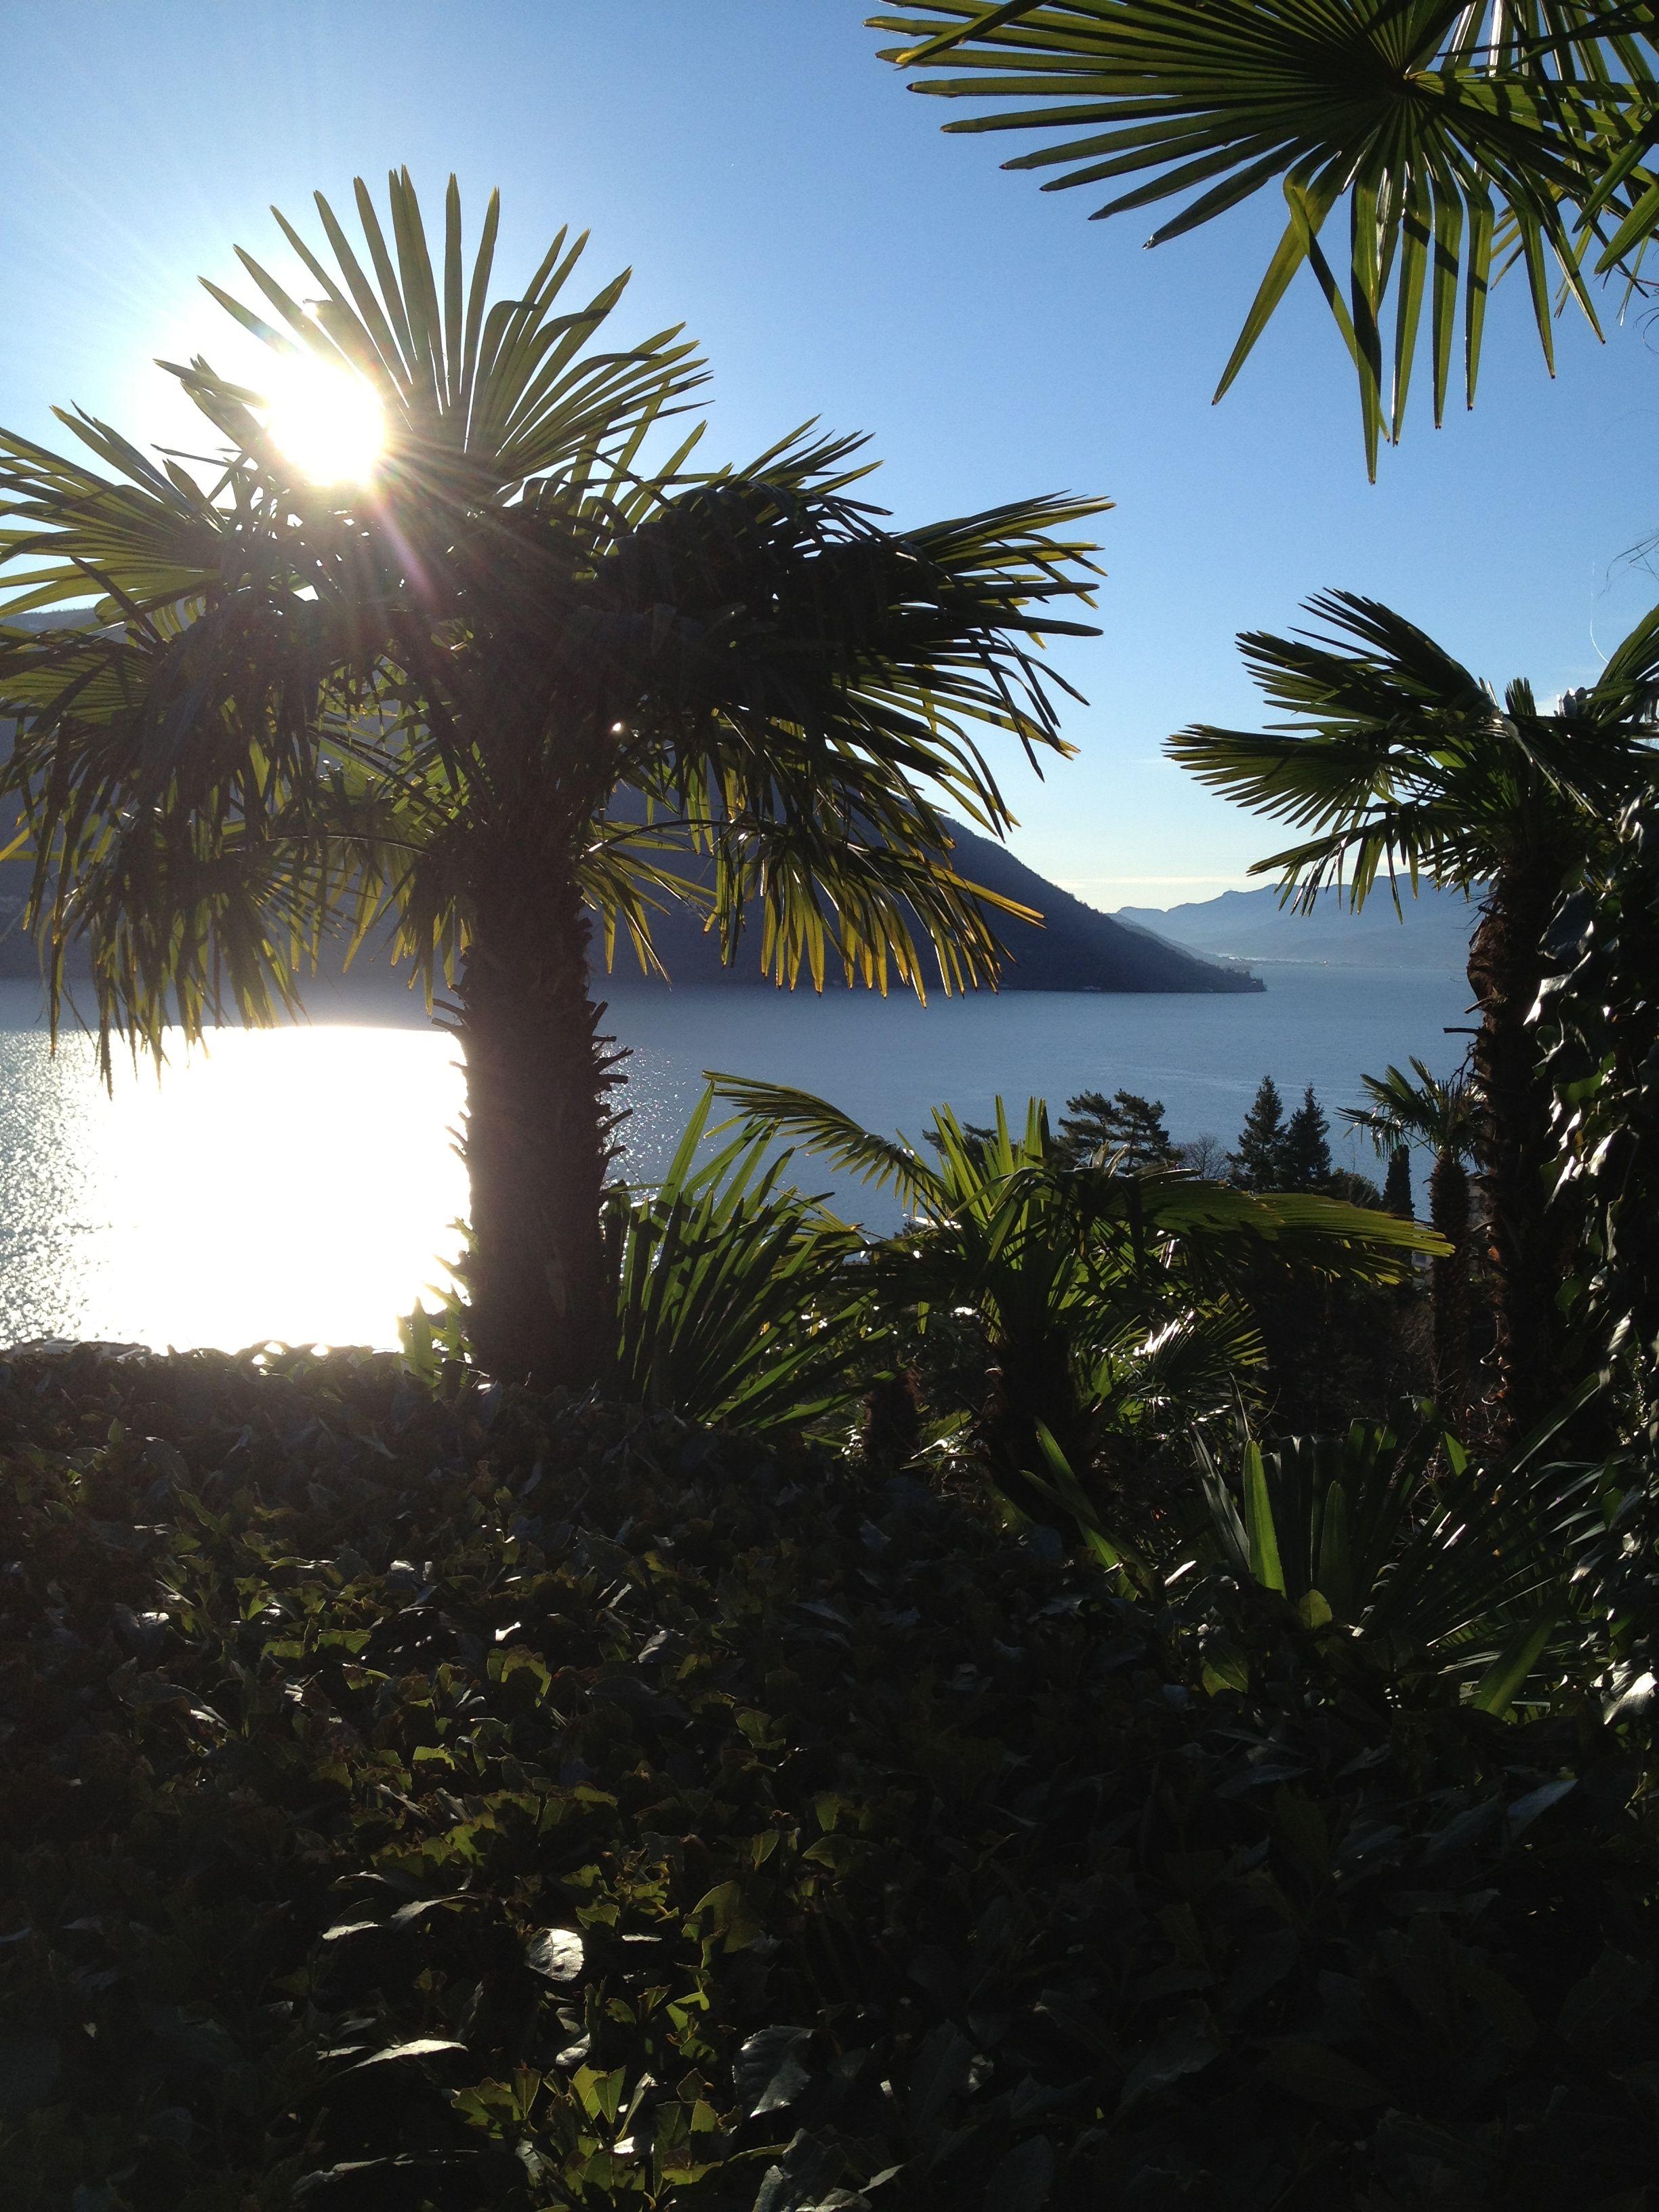 Resort Reka Brissago in December. Ticino Lake Maggiore